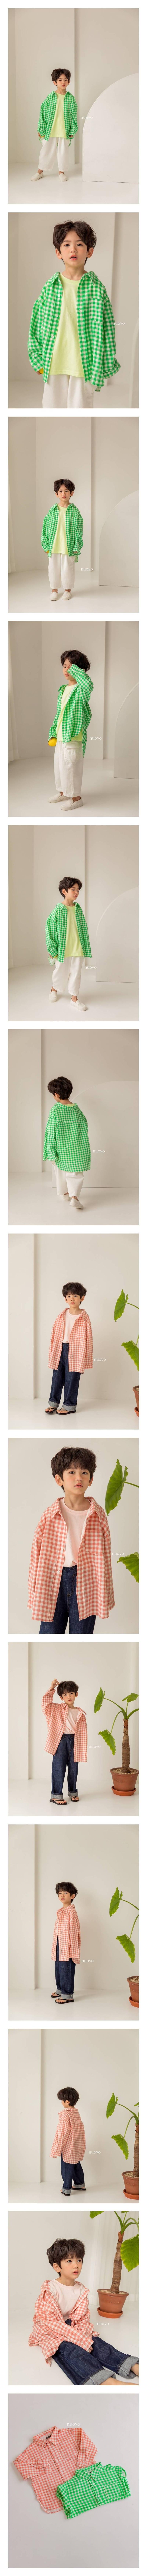 NUOVO - Korean Children Fashion - #Kfashion4kids - Honey Check Shirts